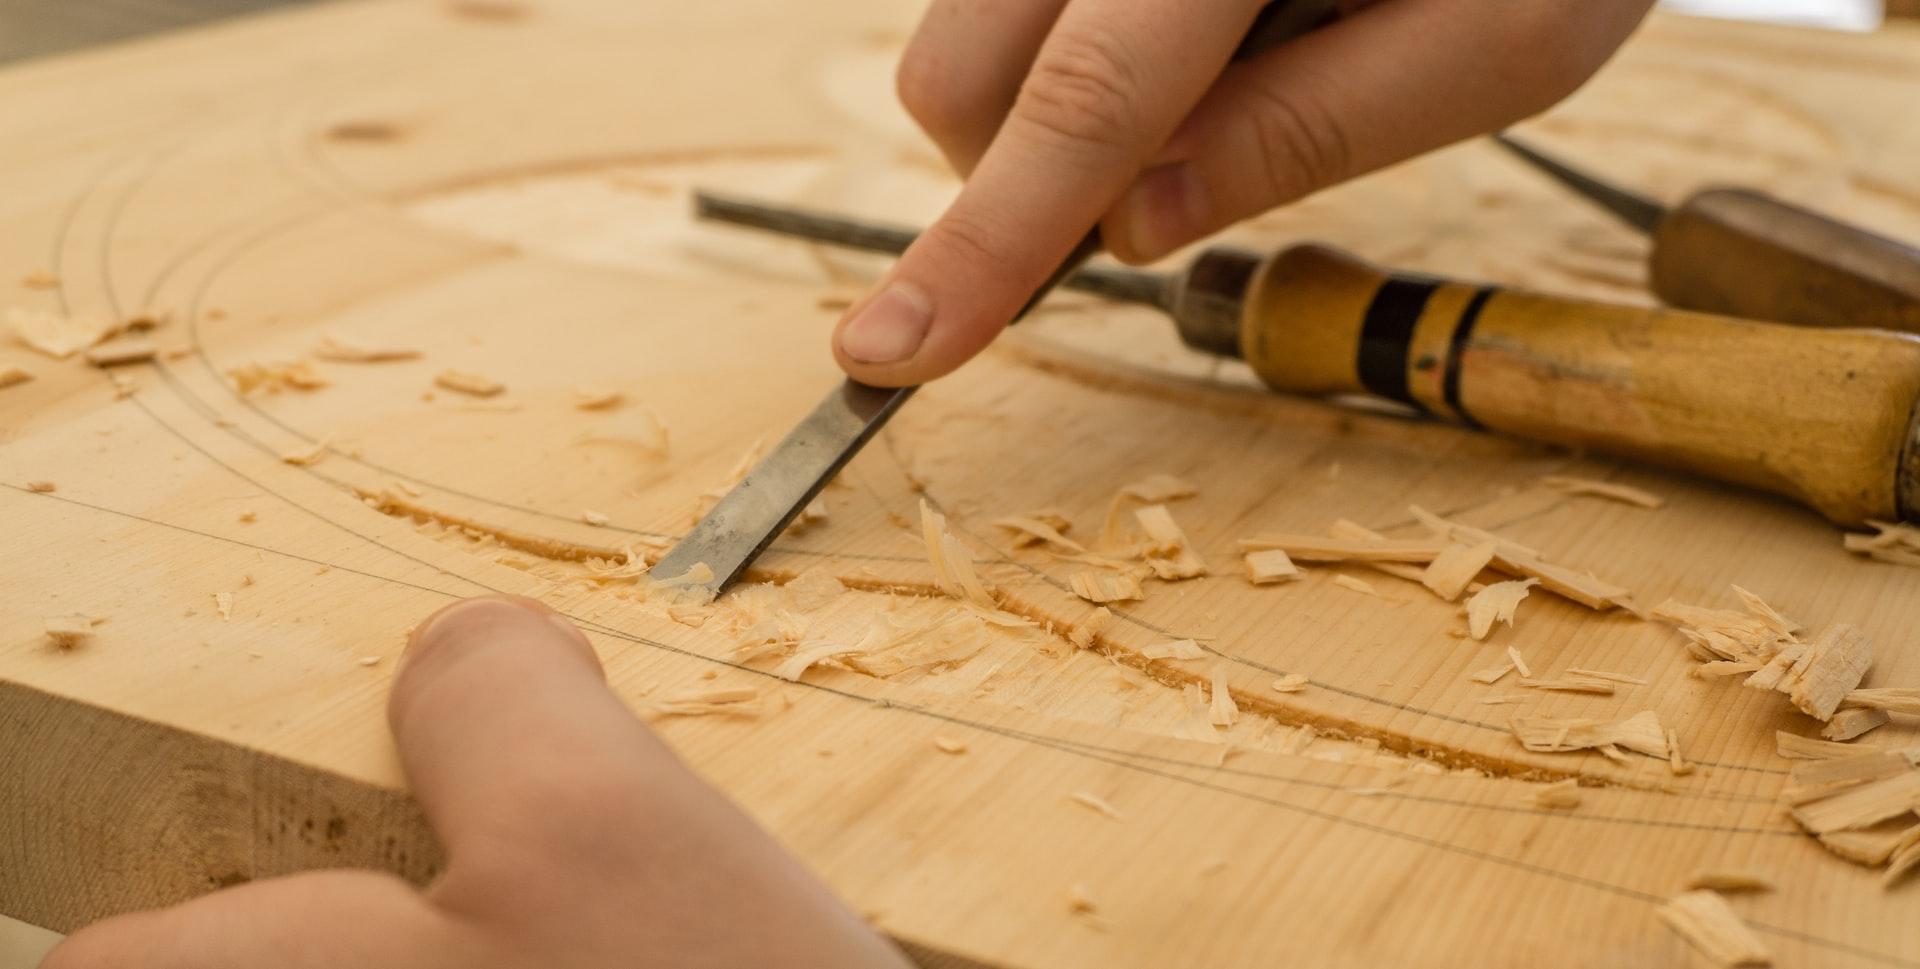 l'apprentissage dans les métiers de l'artisanat est aussi une question de transmission